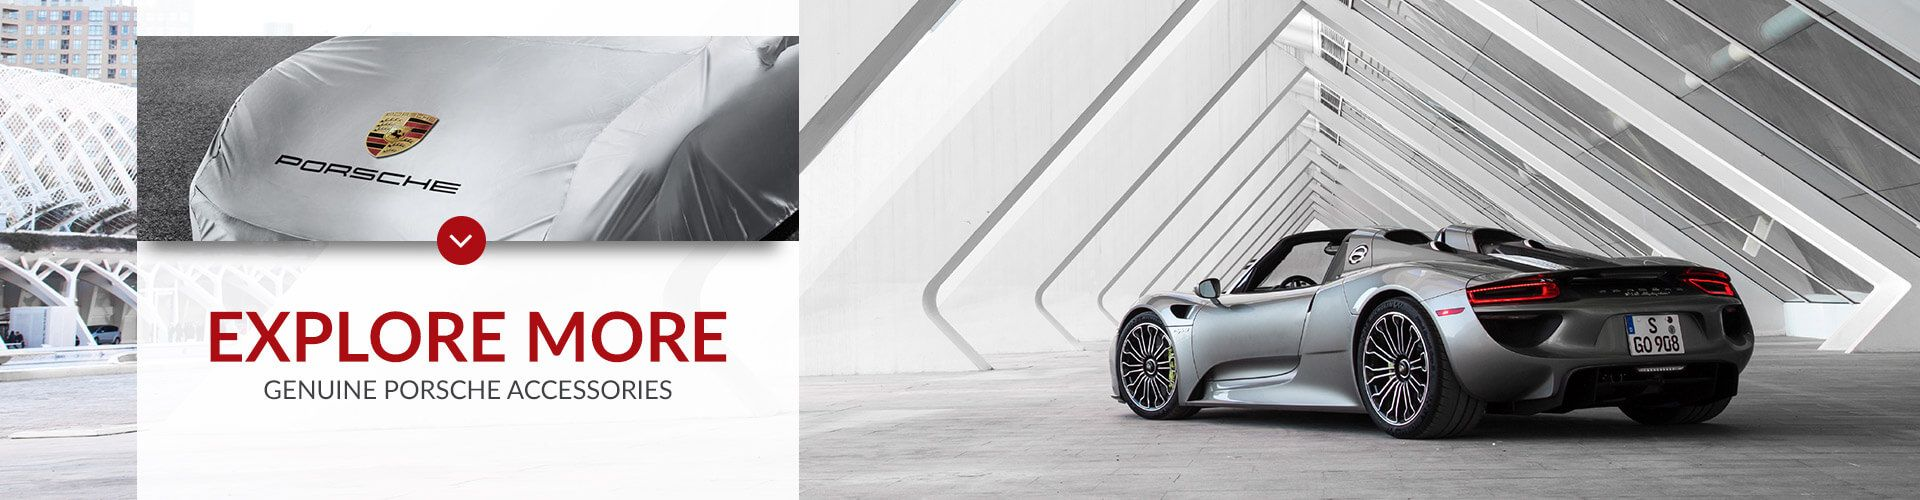 Genuine Porsche Accessories